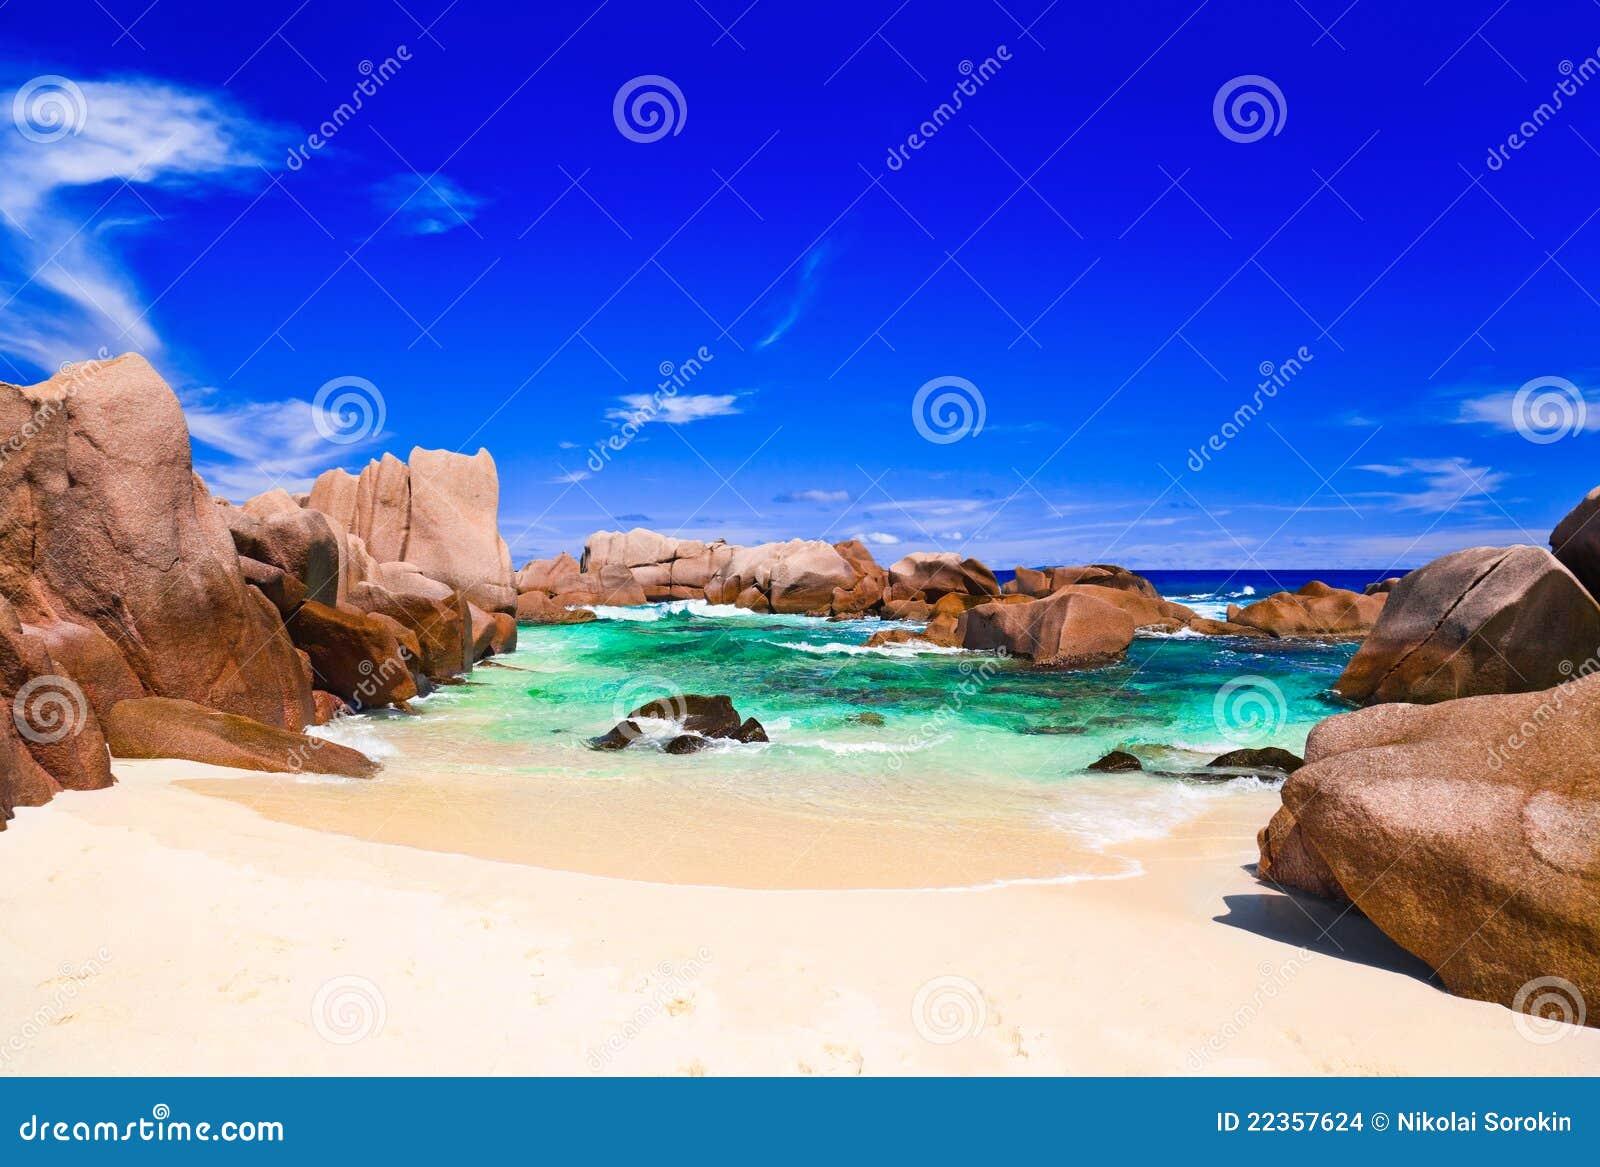 海滩热带的塞舌尔群岛